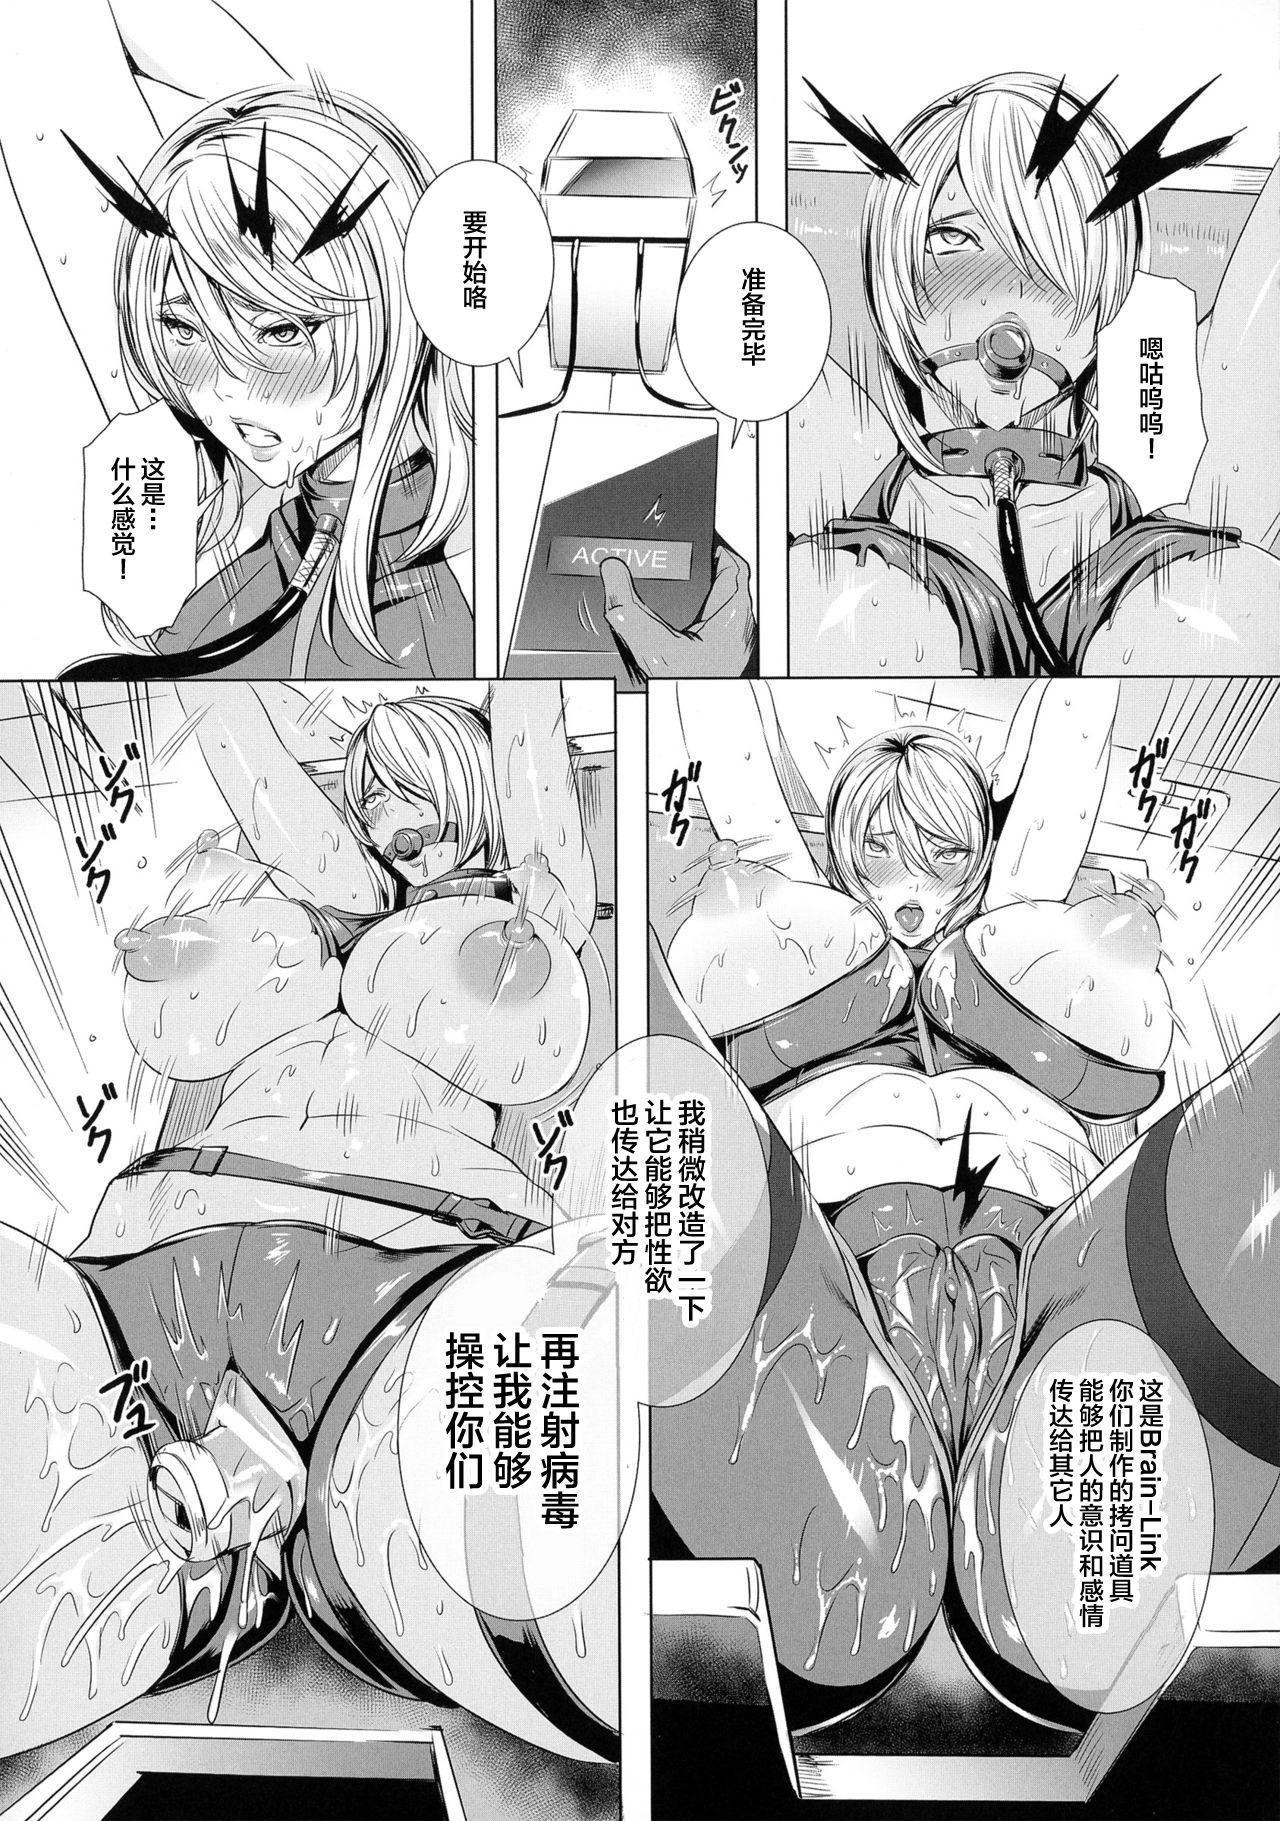 米連クレシア ー淫辱のブレインコネクトー 6